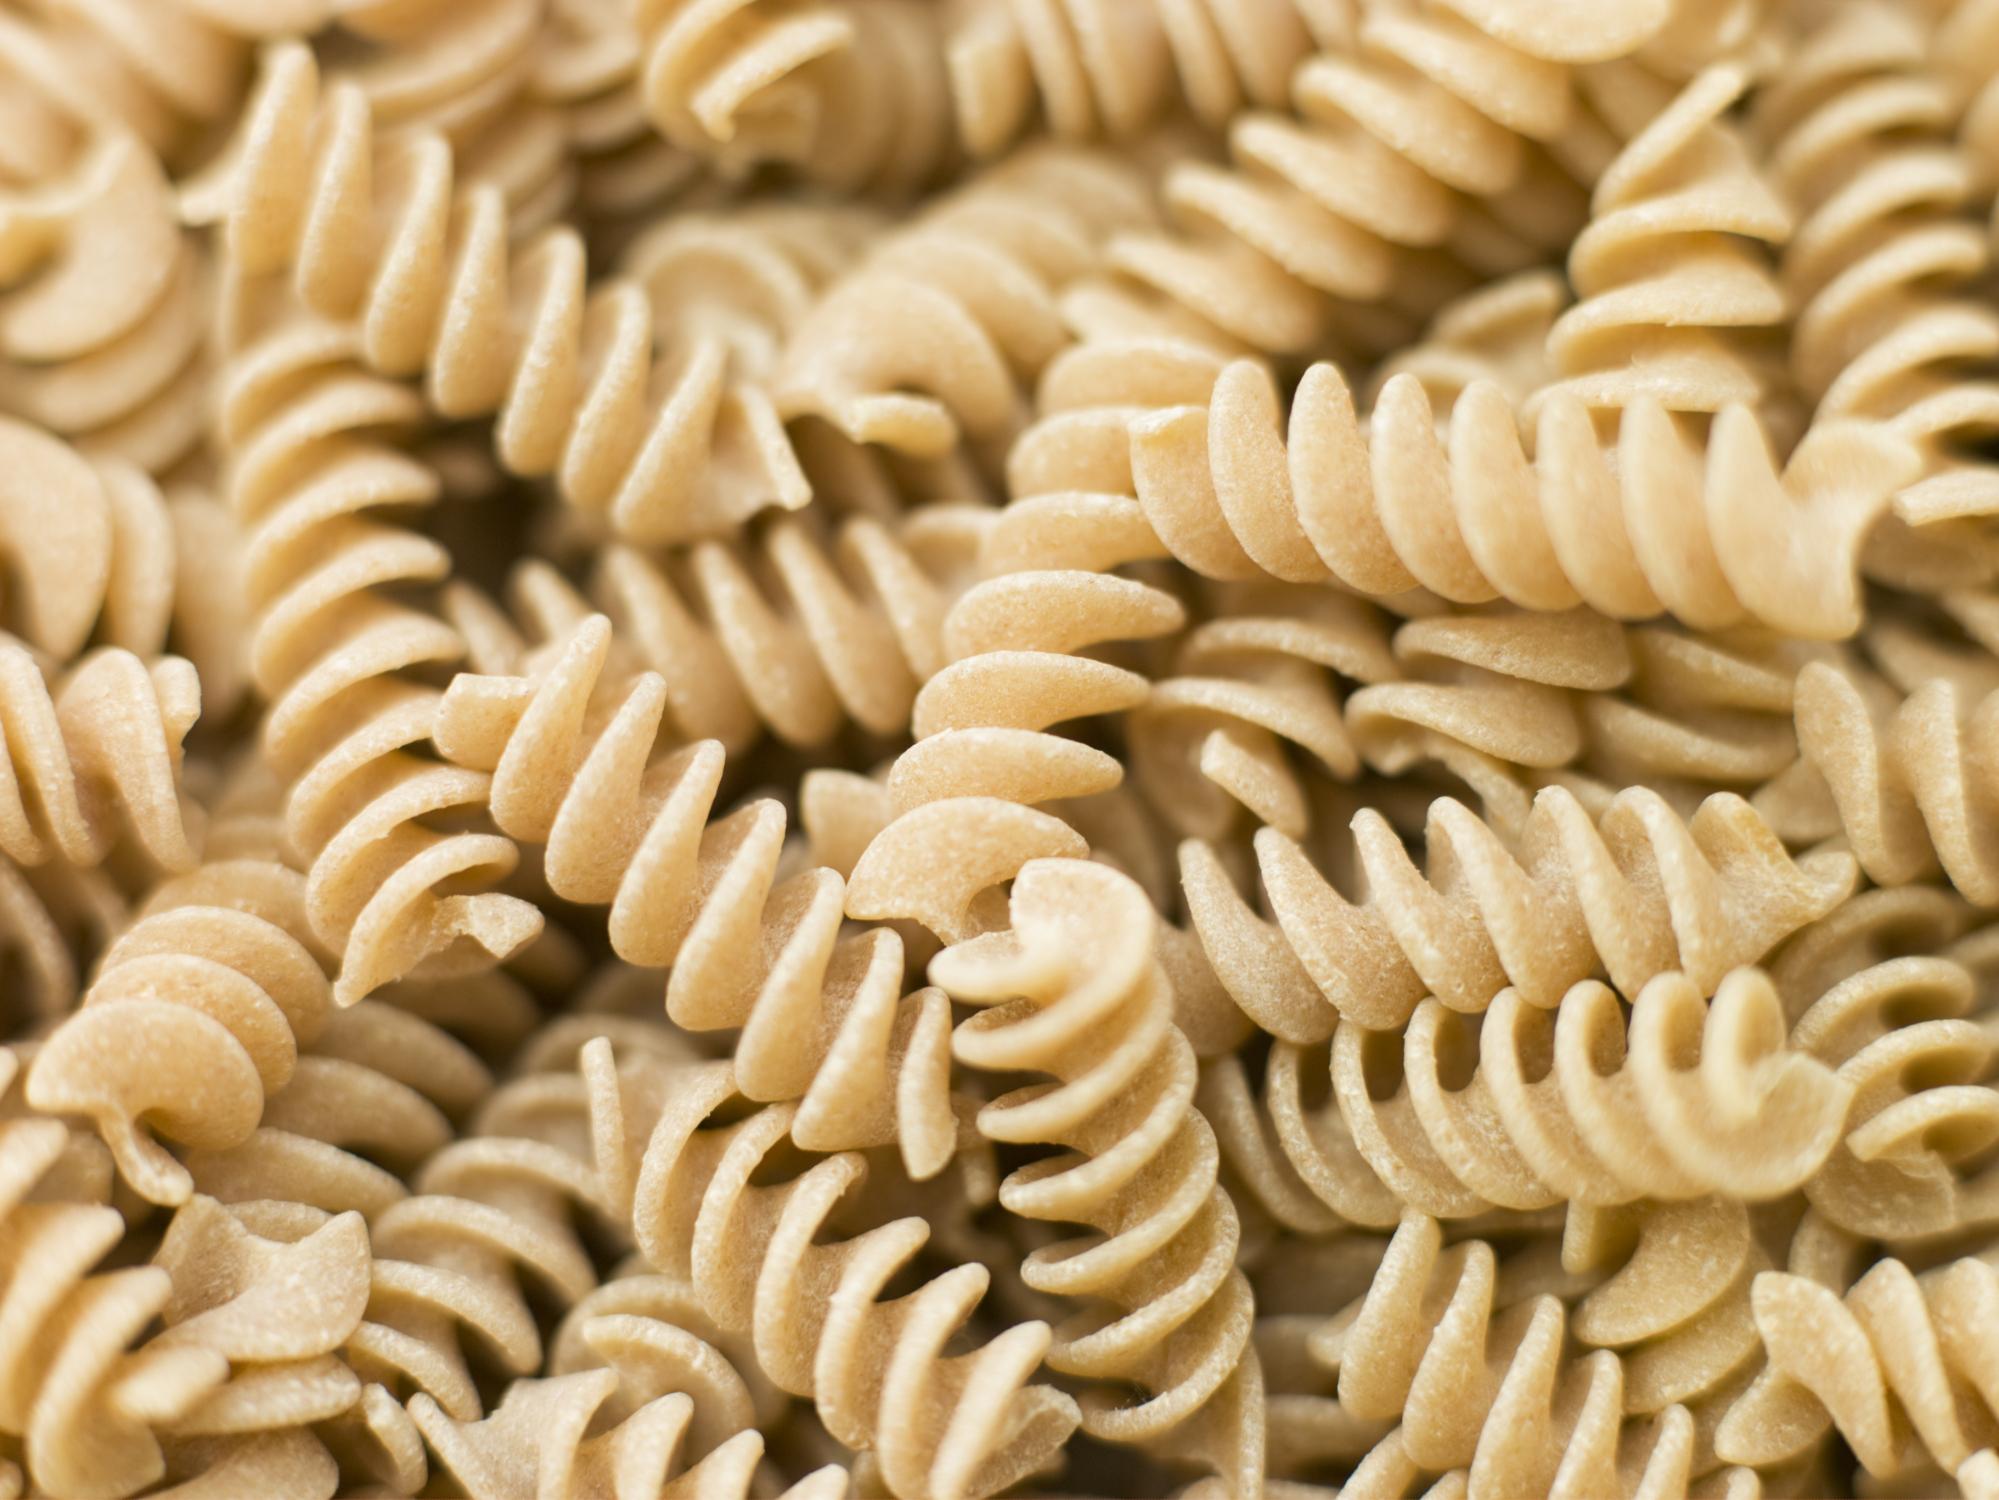 Whole grain pasta: calories, benefits, reviews 100